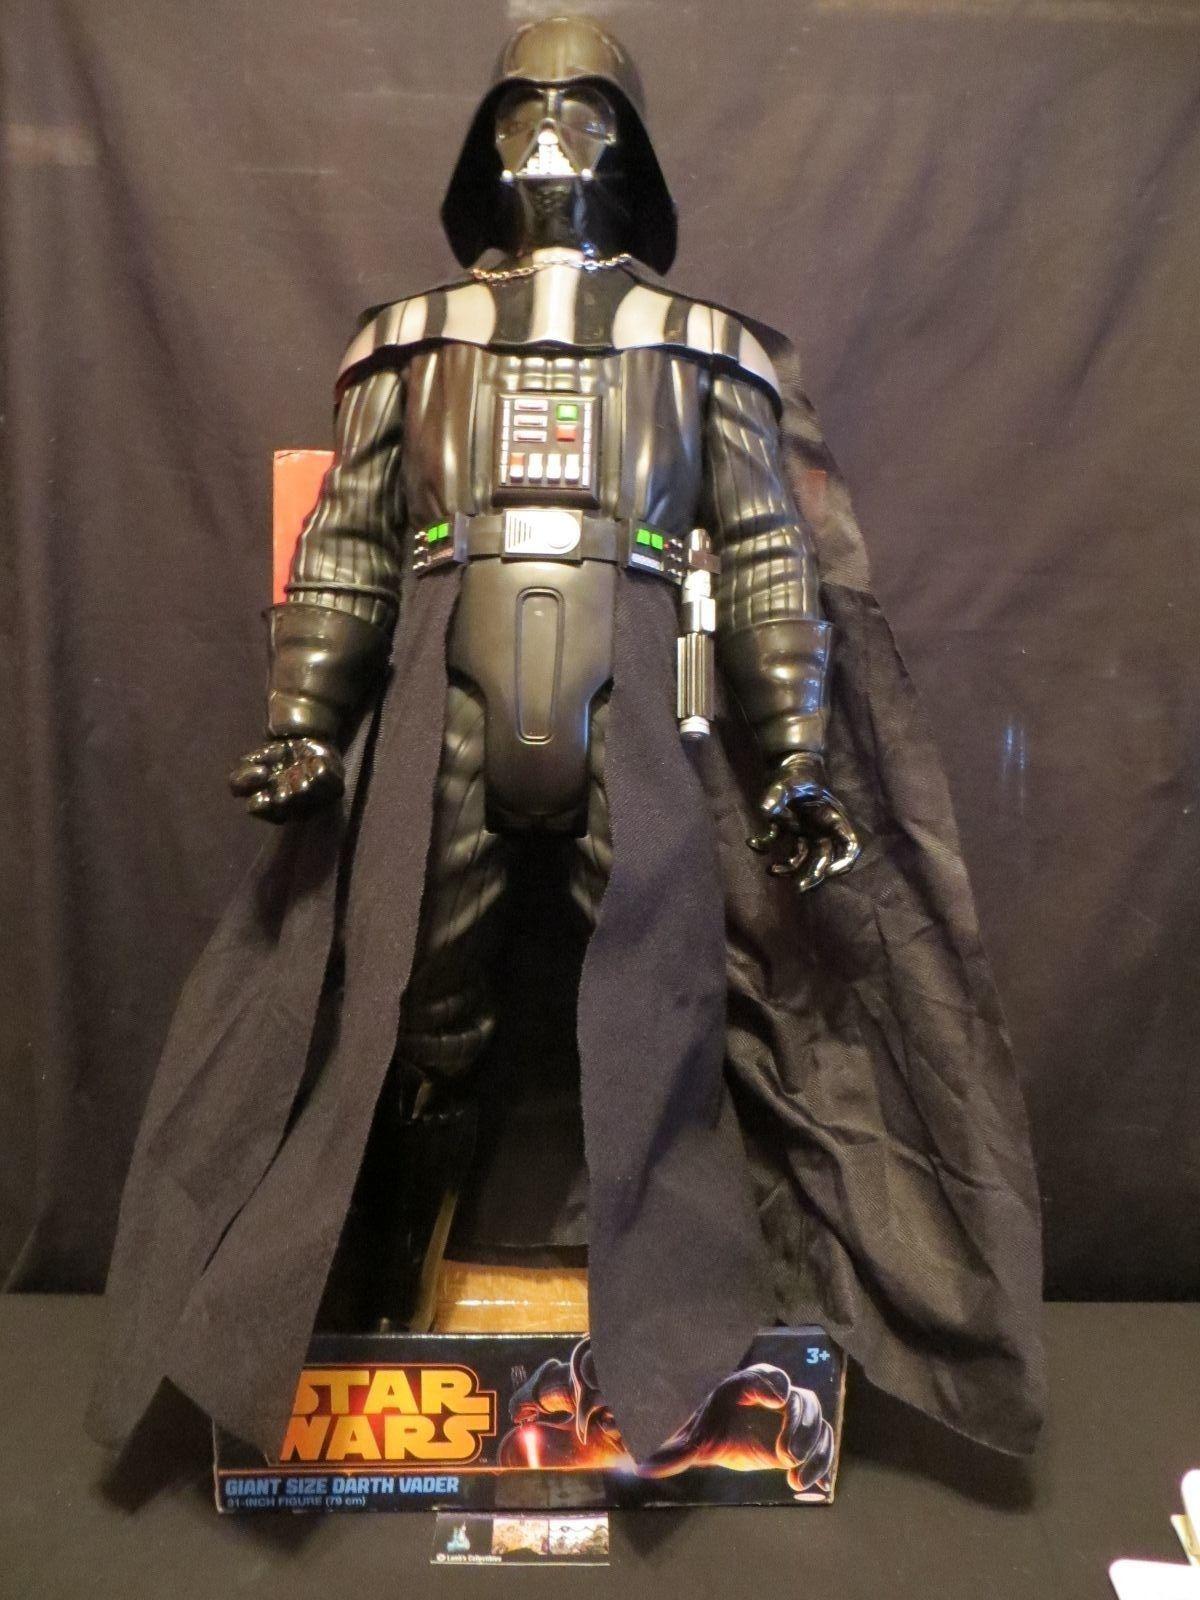 Star Wars Rebels Darth Vader Figure